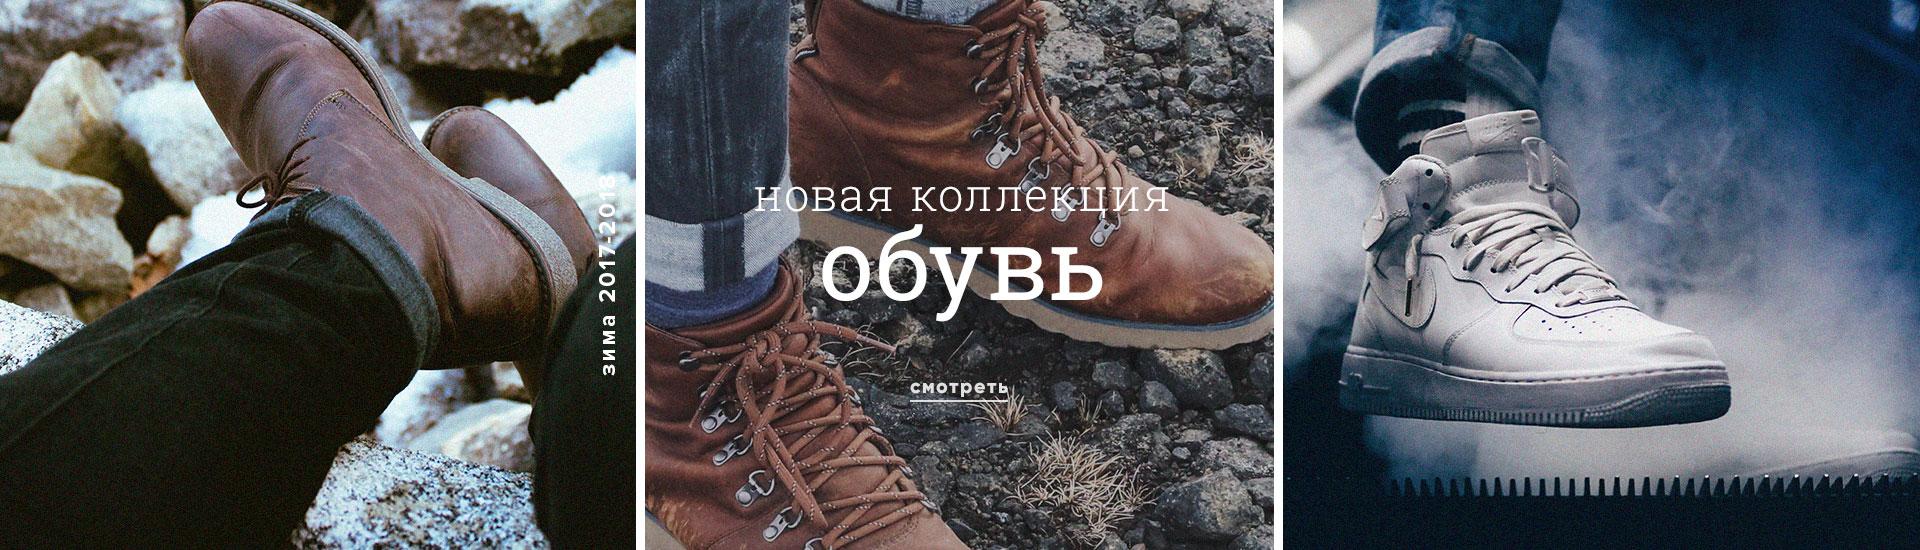 Обувные тренды